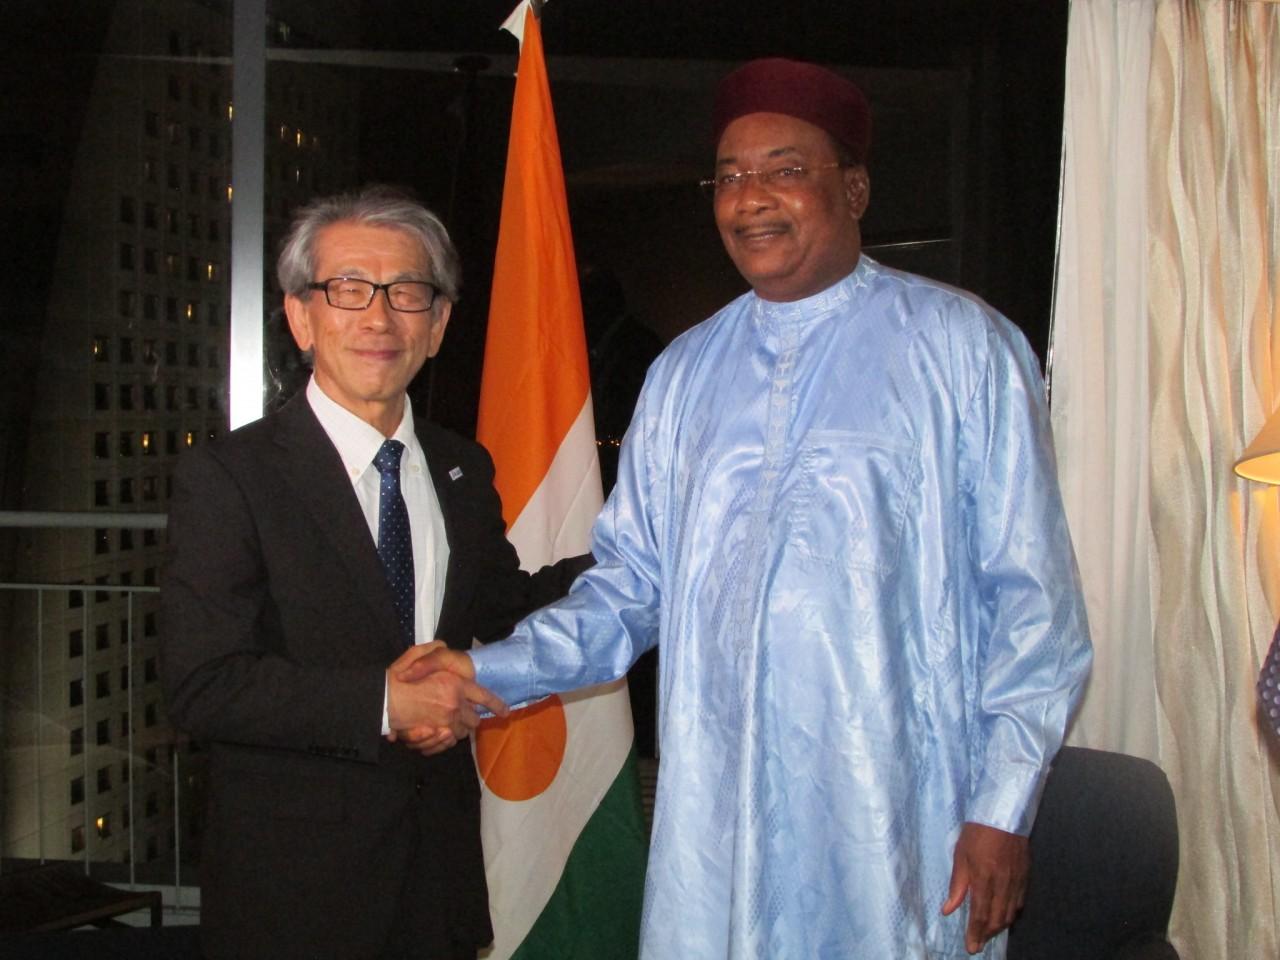 イスフ・マハマドゥ(Issoufou Mahamadou)ニジェール共和国大統領閣下と岩永理事長